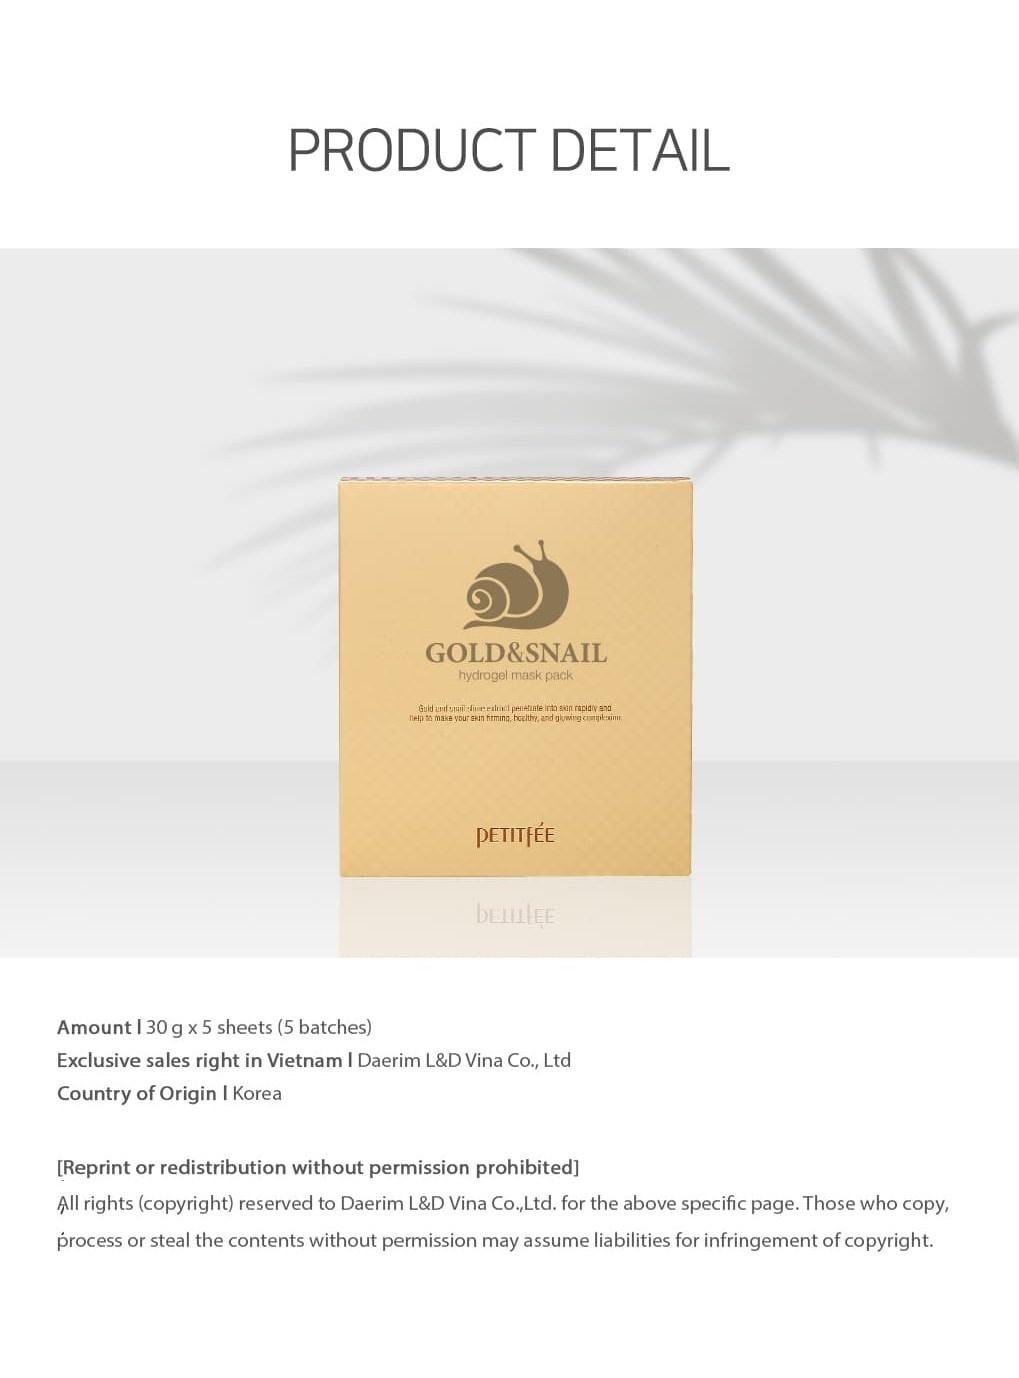 Gold & Snail Hydrogel Mask-9